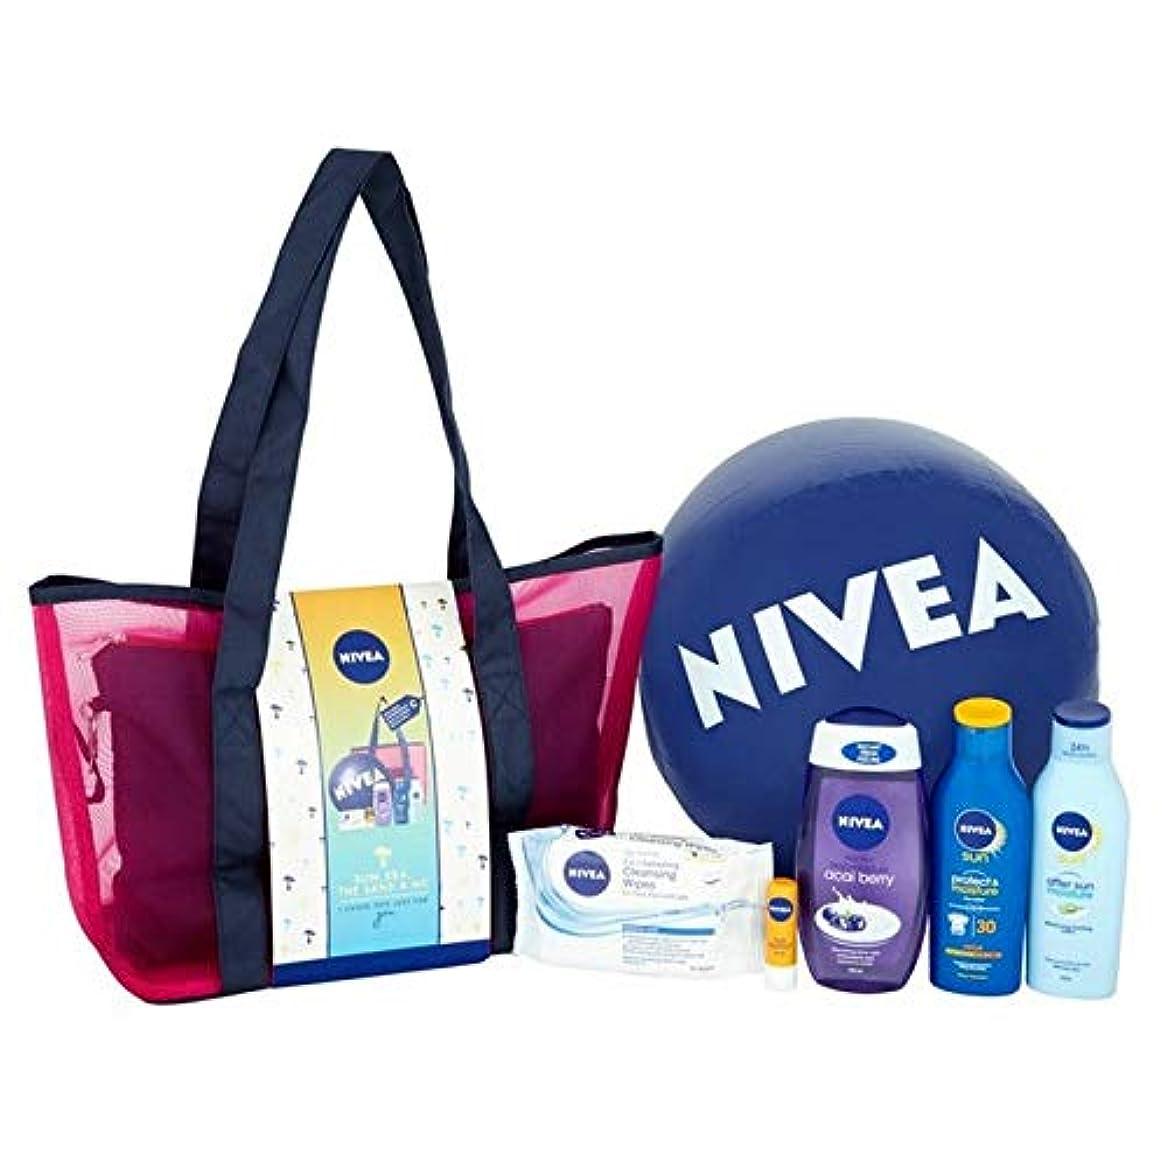 本会議緊張する扱いやすい[Nivea ] ニベアの太陽、海、砂&私のギフトパック - NIVEA Sun, Sea, The Sand & Me Gift Pack [並行輸入品]